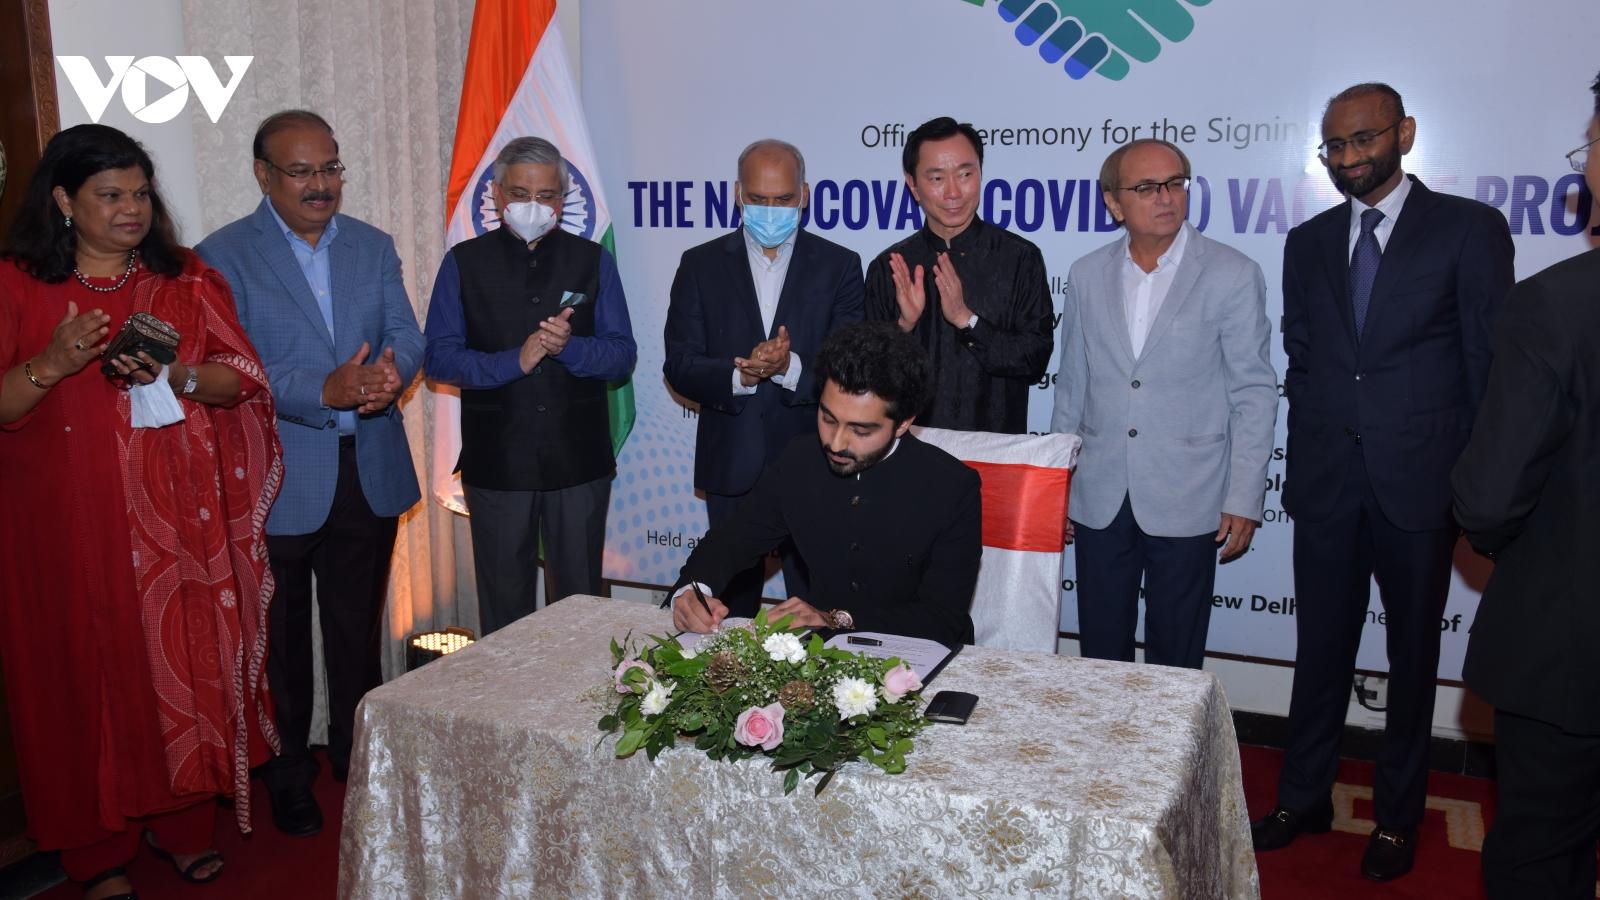 Nanogen ký thỏa thuận với đối tác Ấn Độ để sản xuất, phân phối vaccine Covid-19